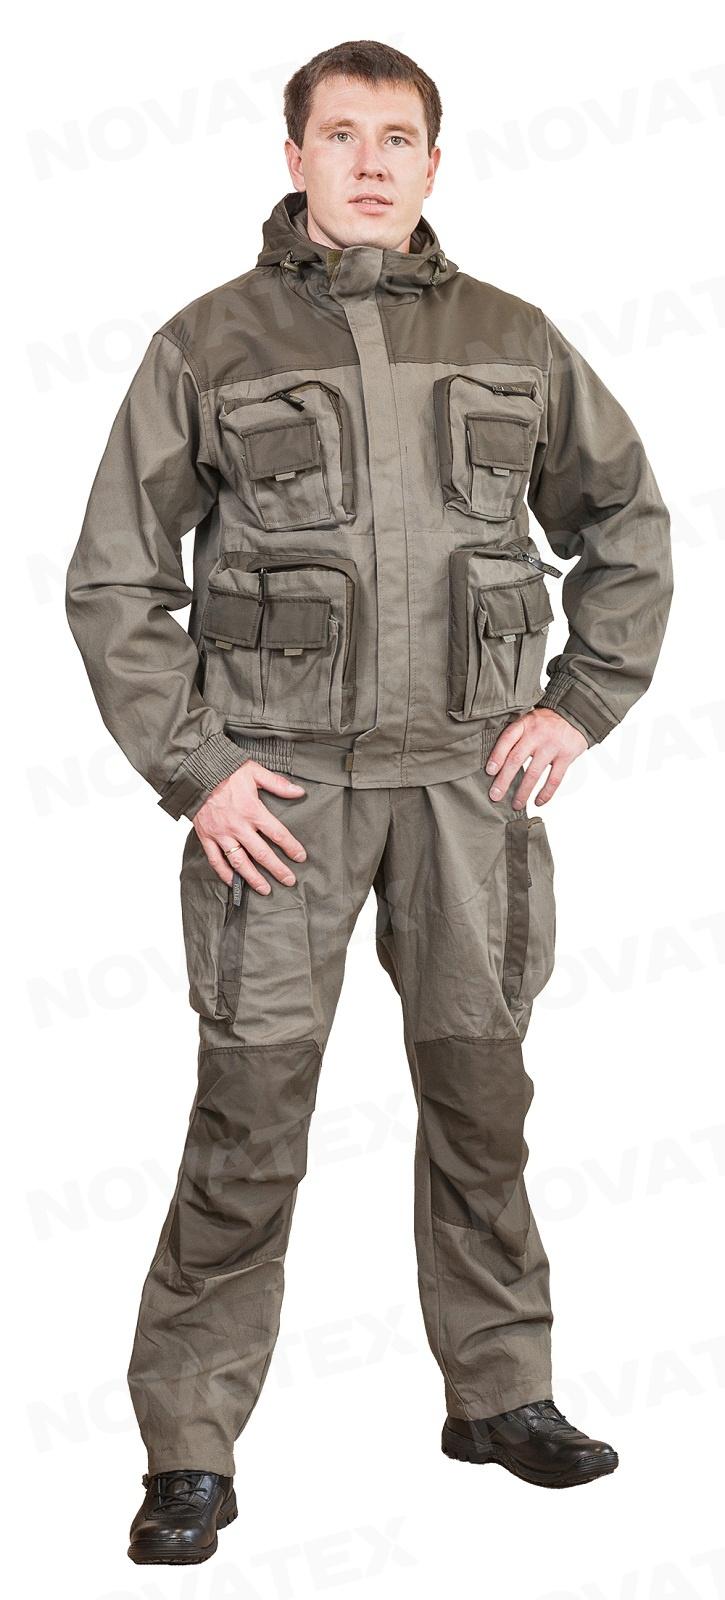 Костюм «Пайер» (канвас, т.хаки ) PAYER (44-46 рост Костюмы утепленные<br>Костюм Payer (тм Payer) от Novatex – практичный и <br>надежный костюм для отдыха на природе, охоты <br>и рыбалки. Костюм Пайер проектировался <br>как ответ на запросы клиентов на качественный <br>универсальный костюм. Состоит костюм из <br>укороченной куртки и полукомбинезона. Анатомический <br>крой позволяет легко и свободно двигаться. <br>Куртка, благодаря обработке на поясной <br>машинке, плотно прилегает по бедрам, не <br>пропуская ни мошку, ни ветер. Бретели <br>позволяют отрегулировать полукомбинезон <br>по фигуре. В более теплую погоду спинку <br>полукомбинезона можно отстегнуть. В костюме <br>Payer можно разместить по карманам все необходимые <br>мелочи: семнадцать карманов, в том числе <br>шесть объемных и один внутренний для документов. <br>Костюм изготавливается из надежных, проверенных <br>временем хлопковых тканей: палатка и канвас. <br>Эти 100% натуральные ткани прекрасно защищают <br>от ветра, почти мгновенно сохнут, пропускают <br>воздух (позволяя телу «дышать»). Подкладка <br>из мягкого гипоаллергенного флиса обеспечивает <br>комфорт и тепло. Места повышенного износа <br>имеют дополнительное усиление мембранной <br>тканью «Кошачий глаз», которая не пропускает <br>влагу снаружи, отводит ее изнутри и обладает <br>повышенной износостойкостью. Рекомендован <br>для туристов, охотников, рыбаков и всех <br>любителей активного отдыха в осенне-весенний <br>и летний период.<br><br>Пол: мужской<br>Размер: 44-46<br>Рост: 170-176<br>Сезон: демисезонный<br>Цвет: оливковый